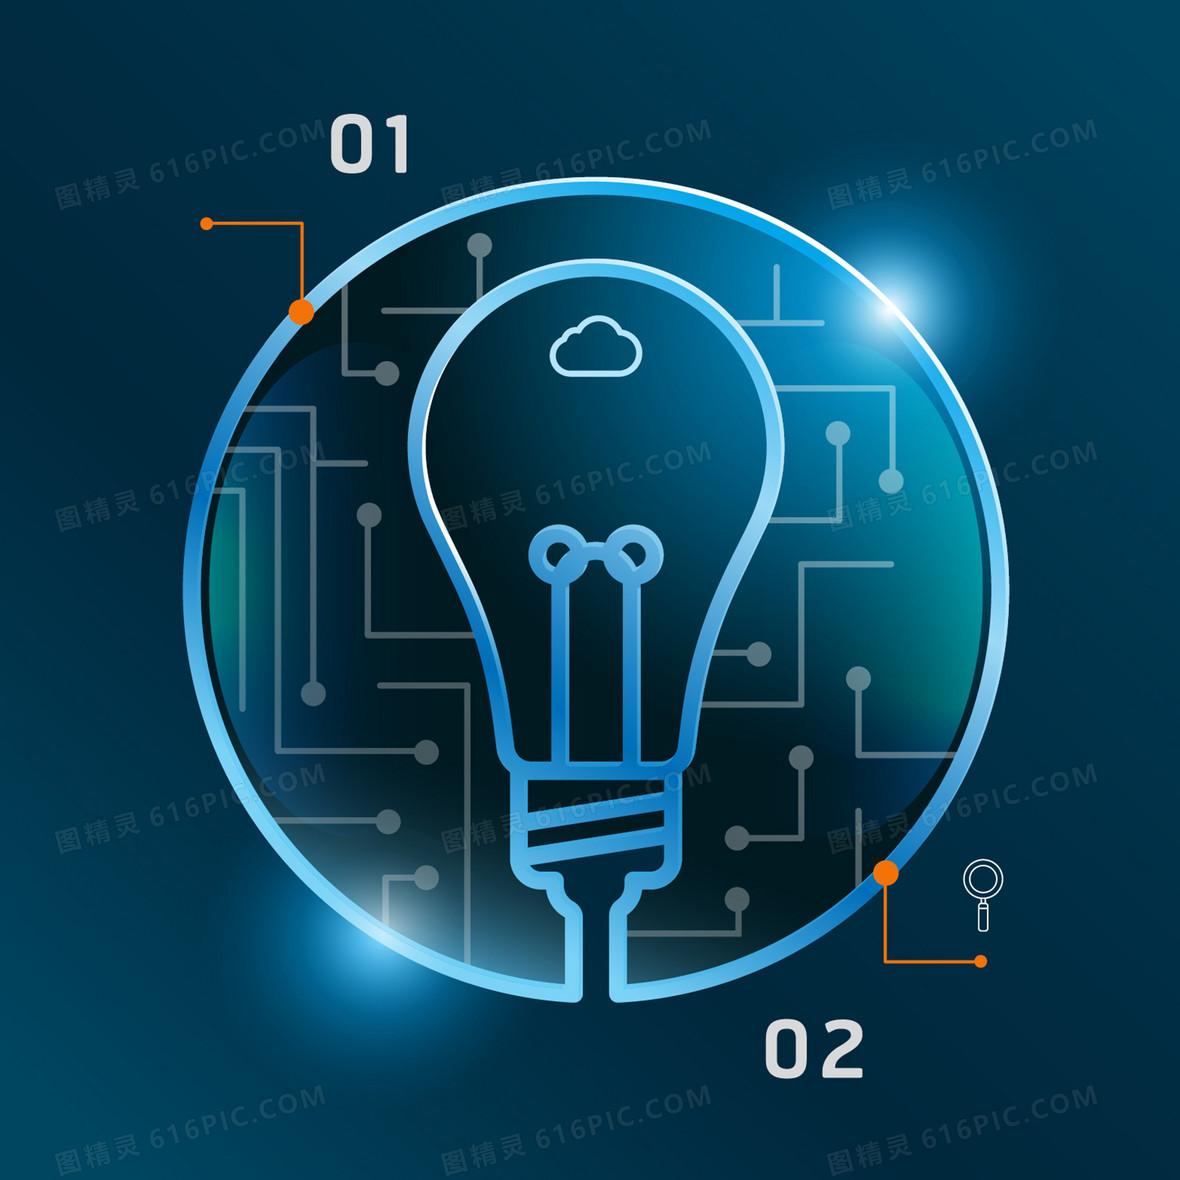 蓝色灯泡光线黑科技背景素材